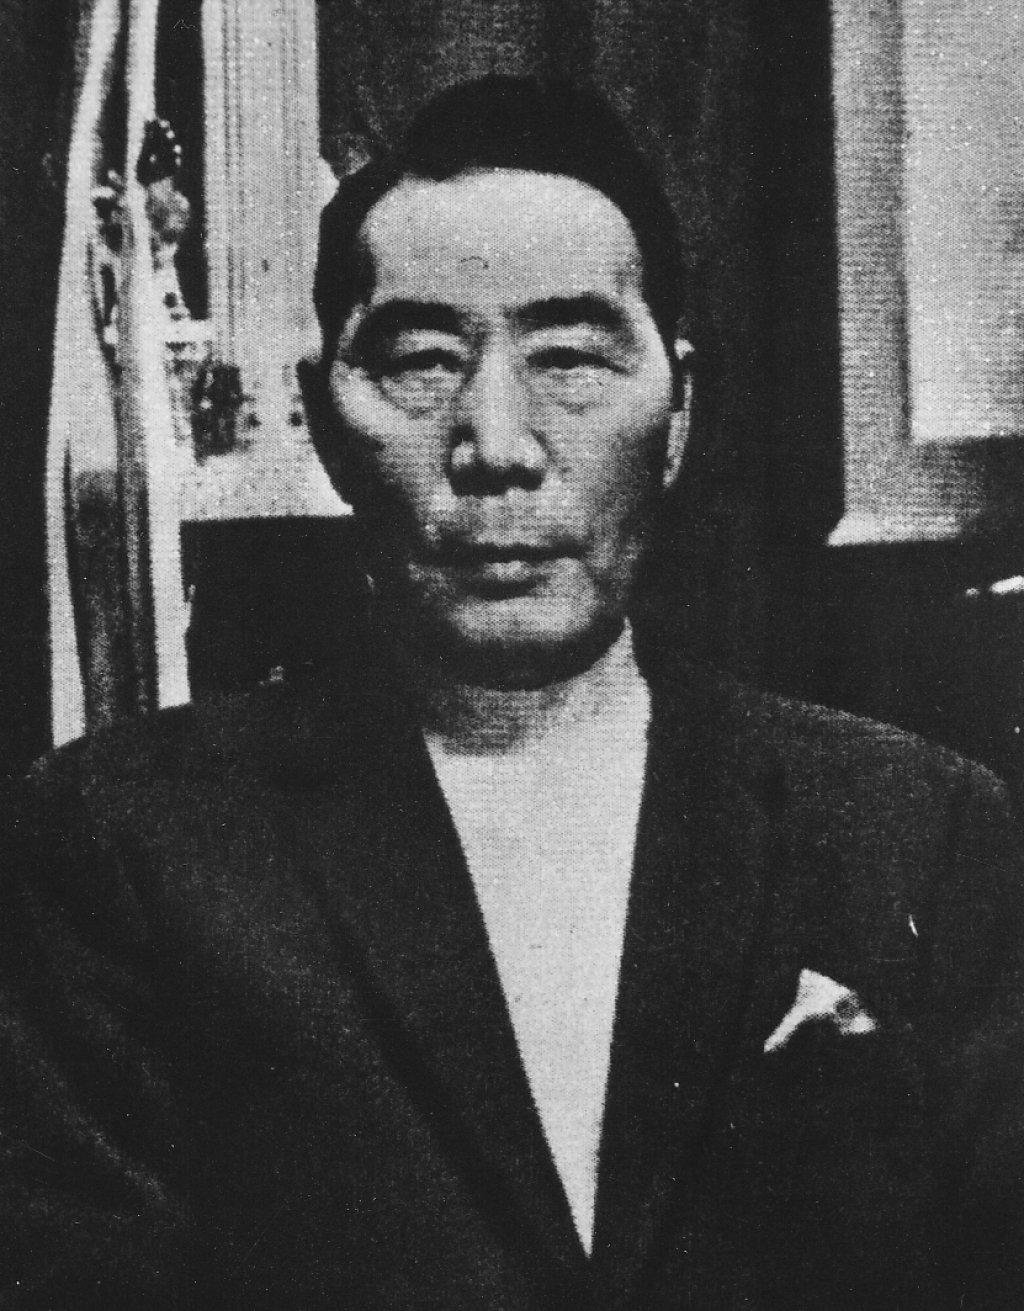 10 лучших историй о якудза японская мафия история отвратительные мужики disgusting men